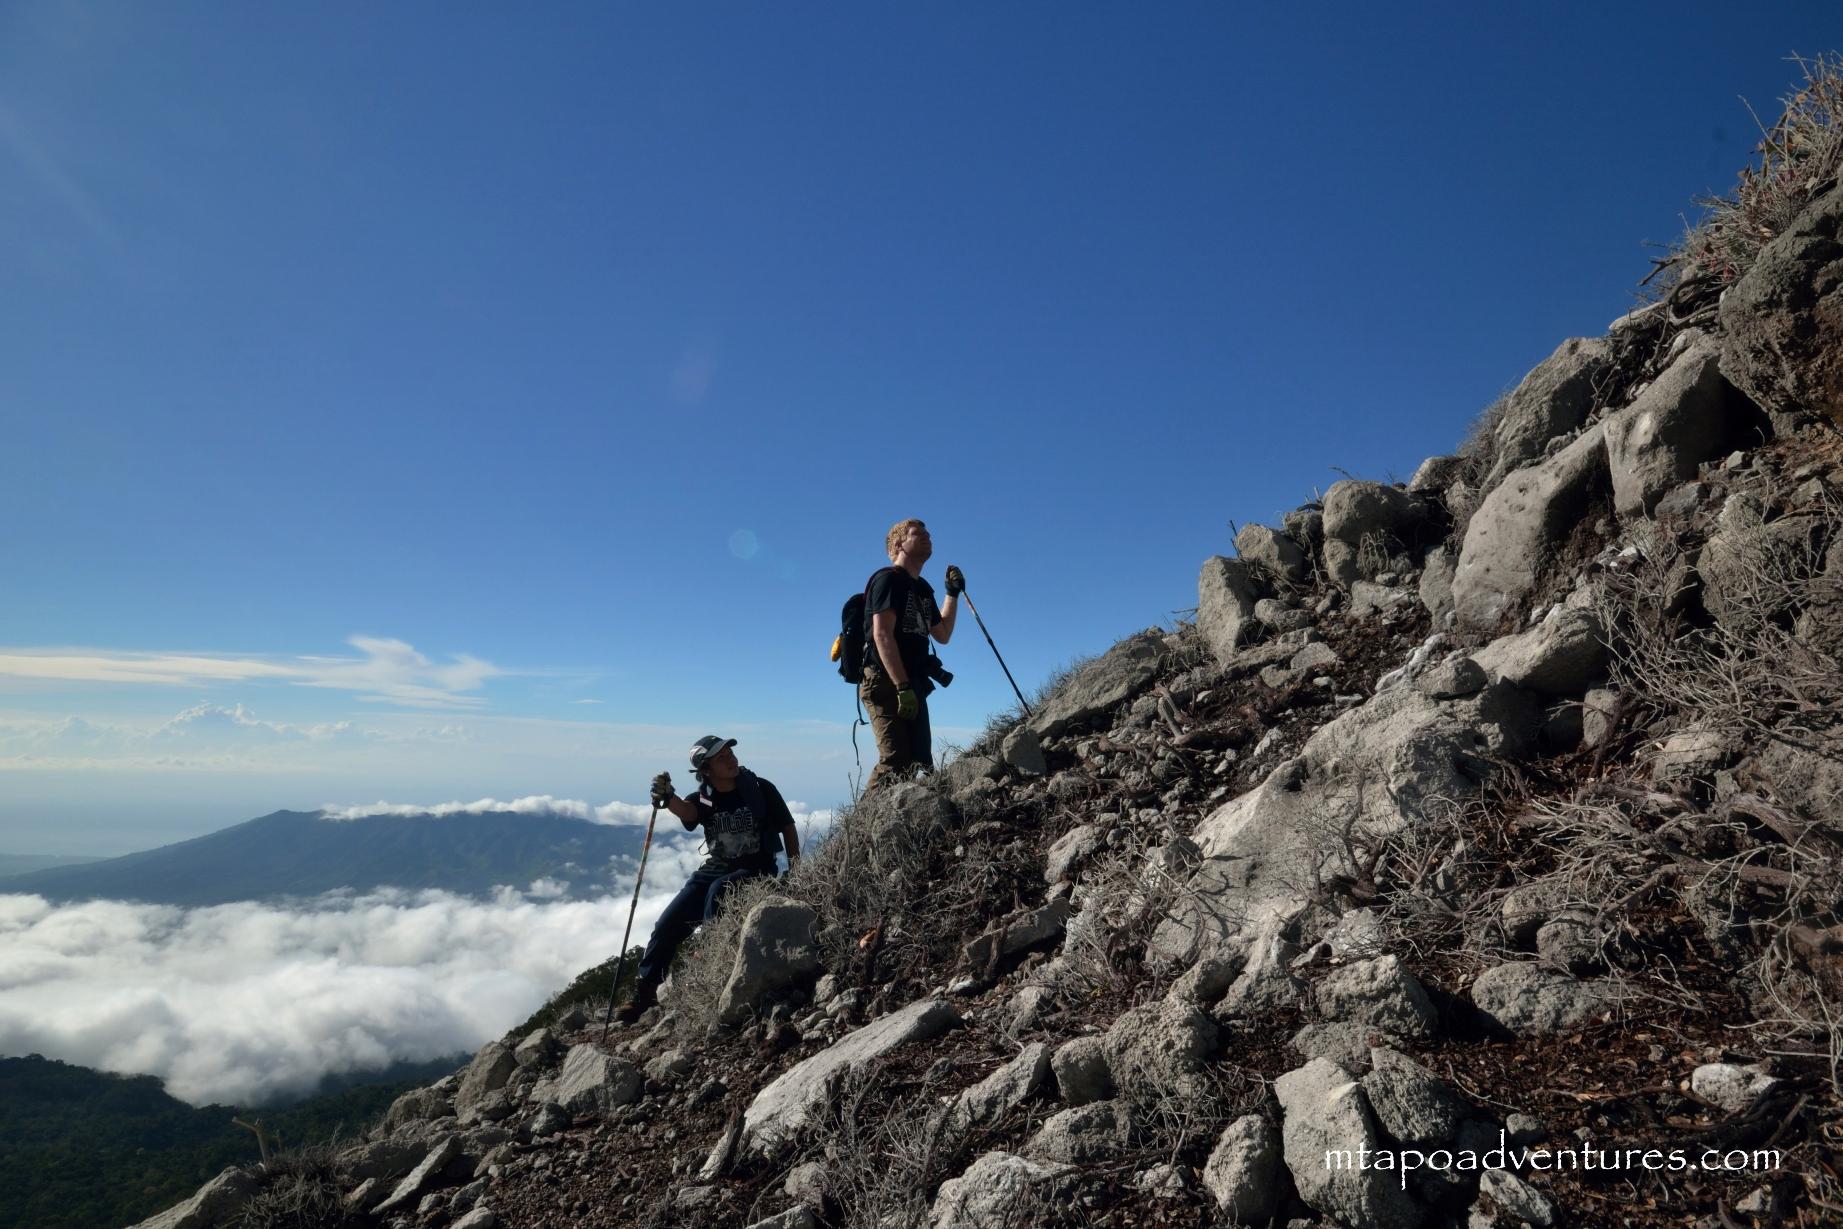 Climbing Mount Apo | Discover Mount Apo | Mount Apo Guide